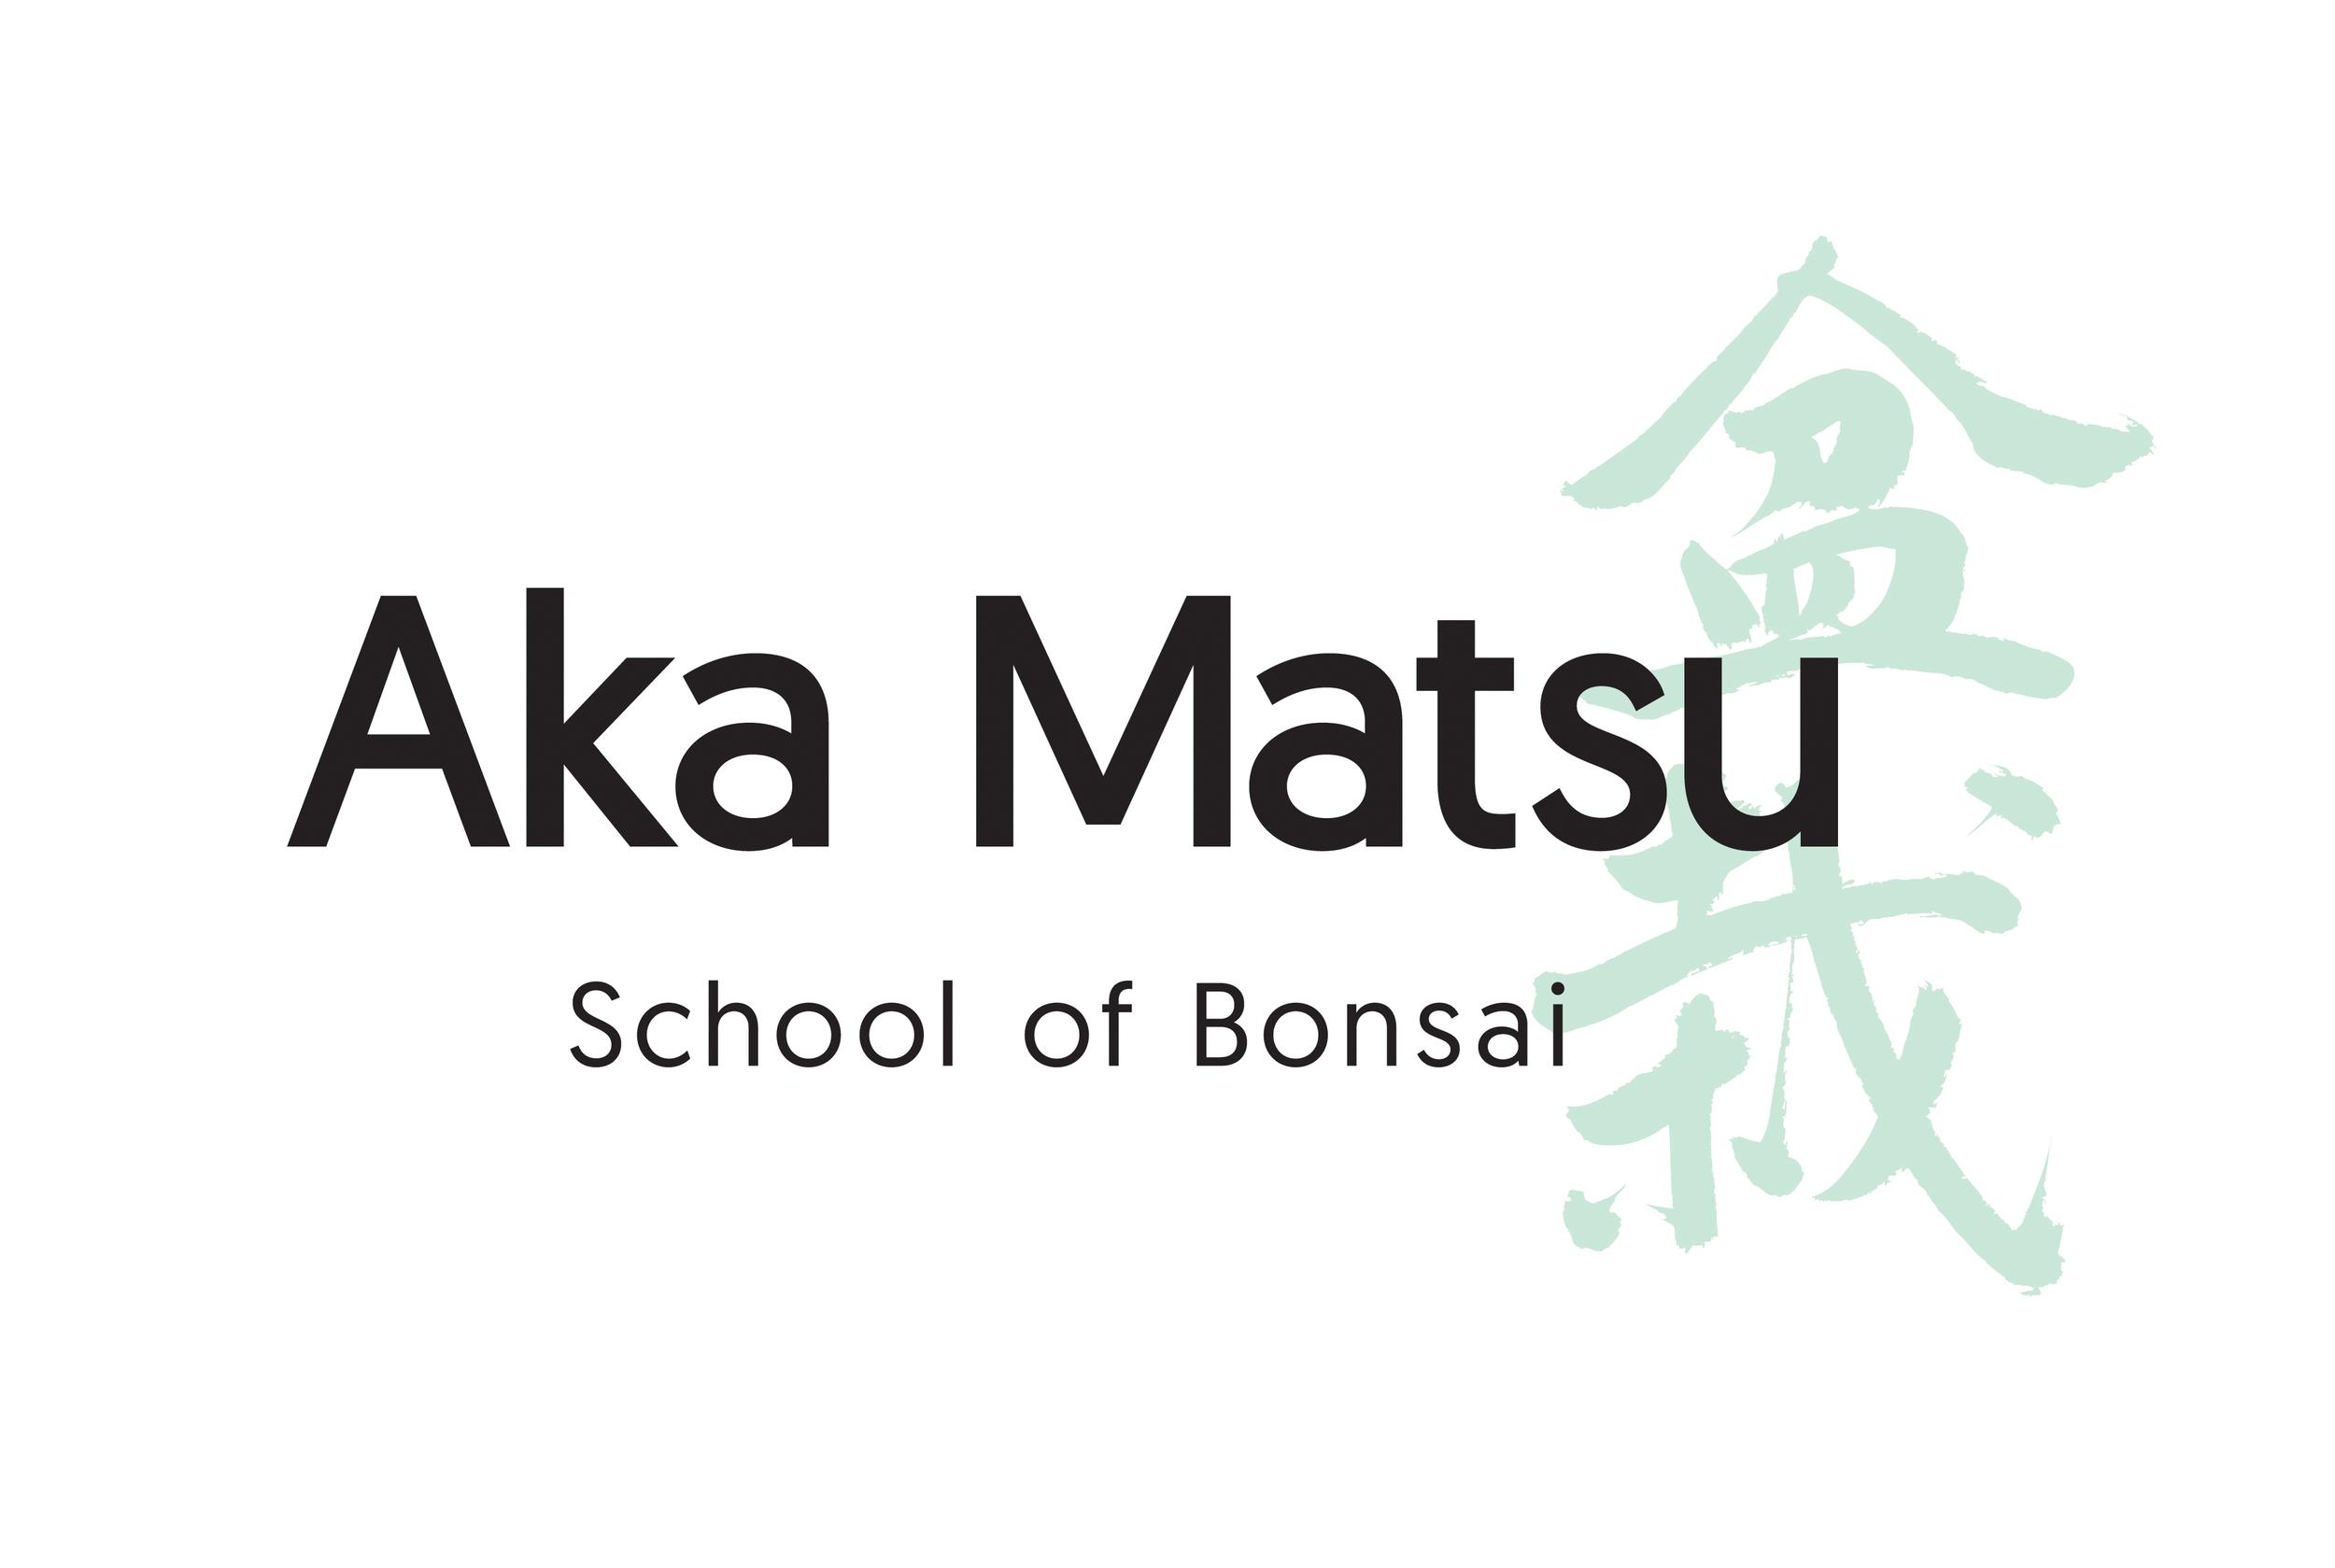 AkaMatsuBrand.jpg